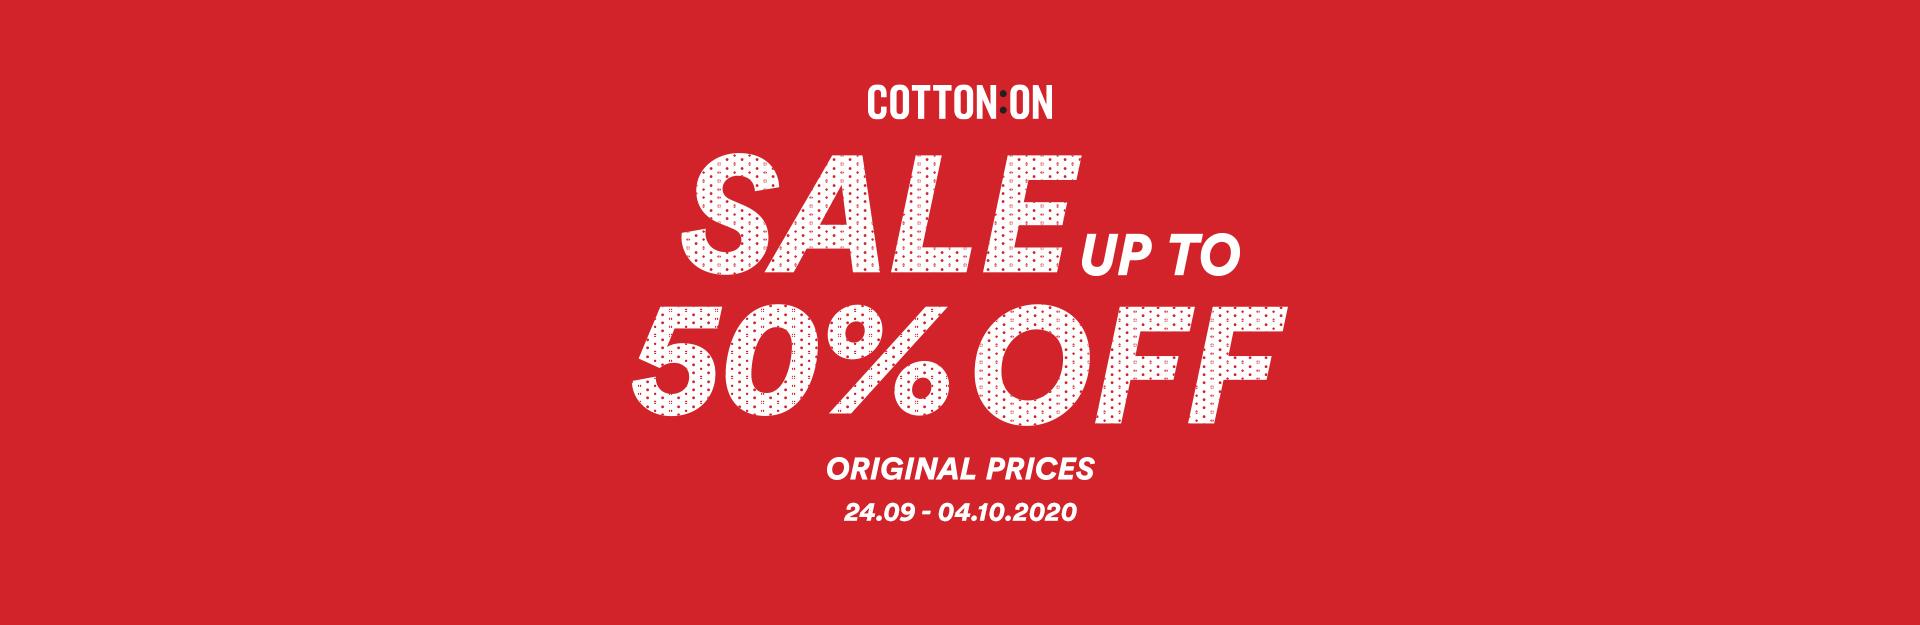 Cotton-on-mid-season-sale